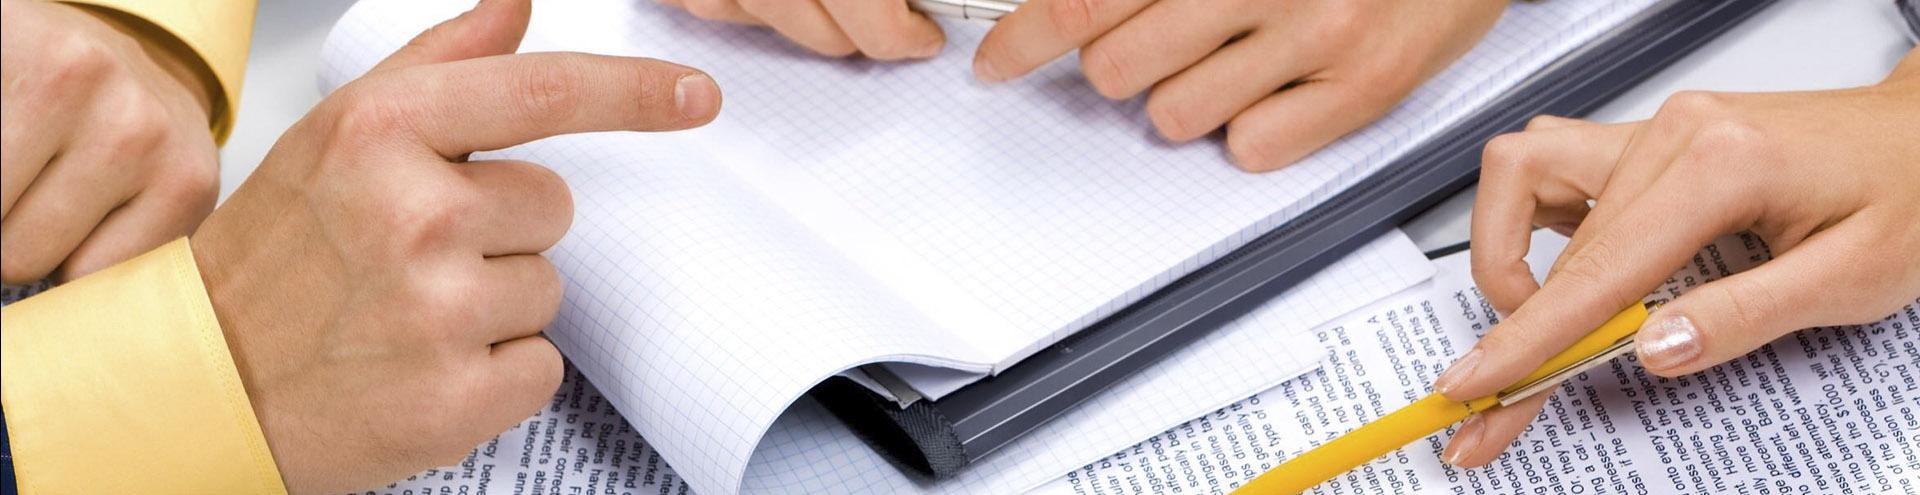 административное дело - рассмотрение административного дела в Чебоксарах